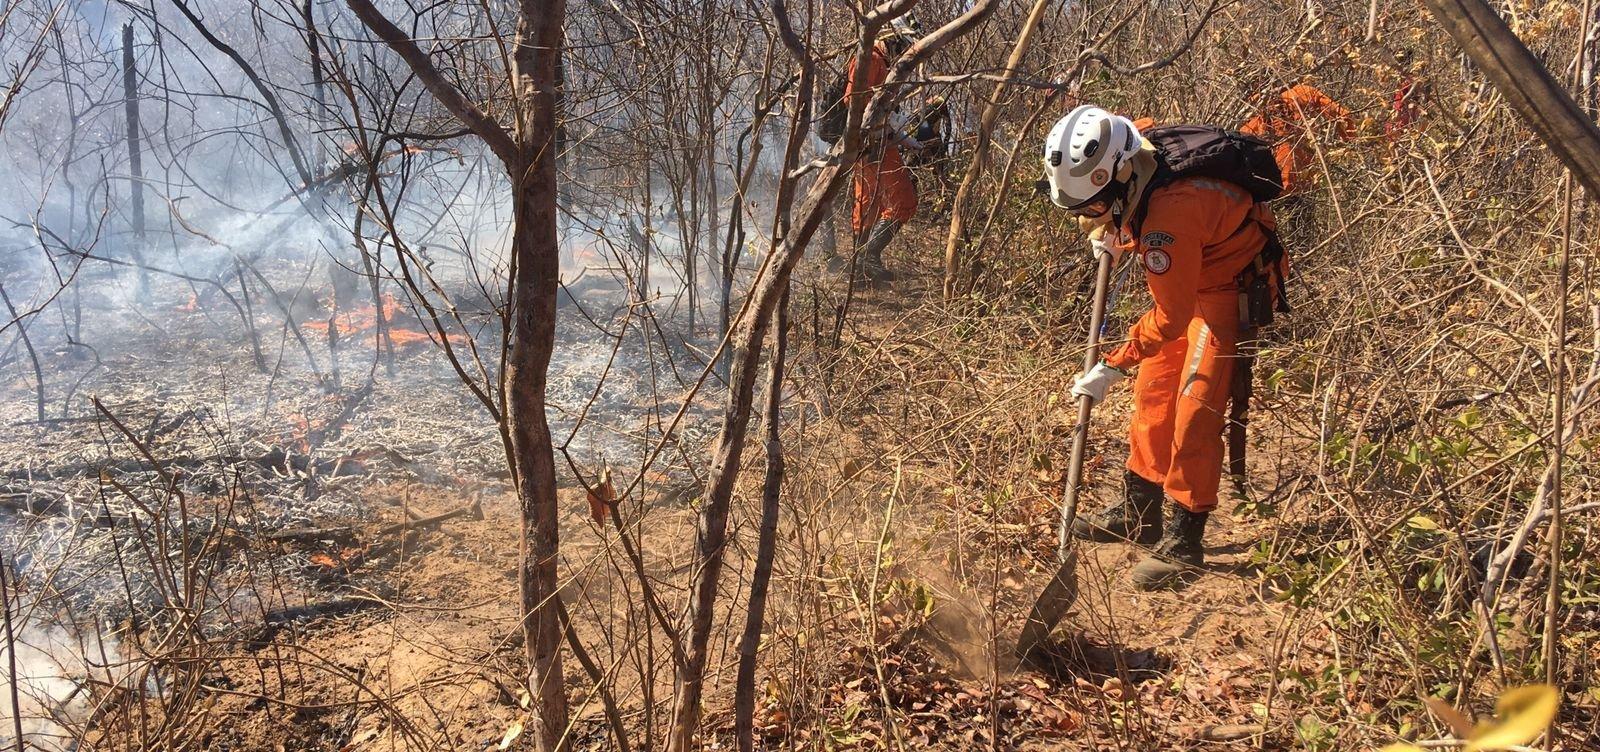 Em temporada de incêndios, novo foco surge no nordeste da Bahia